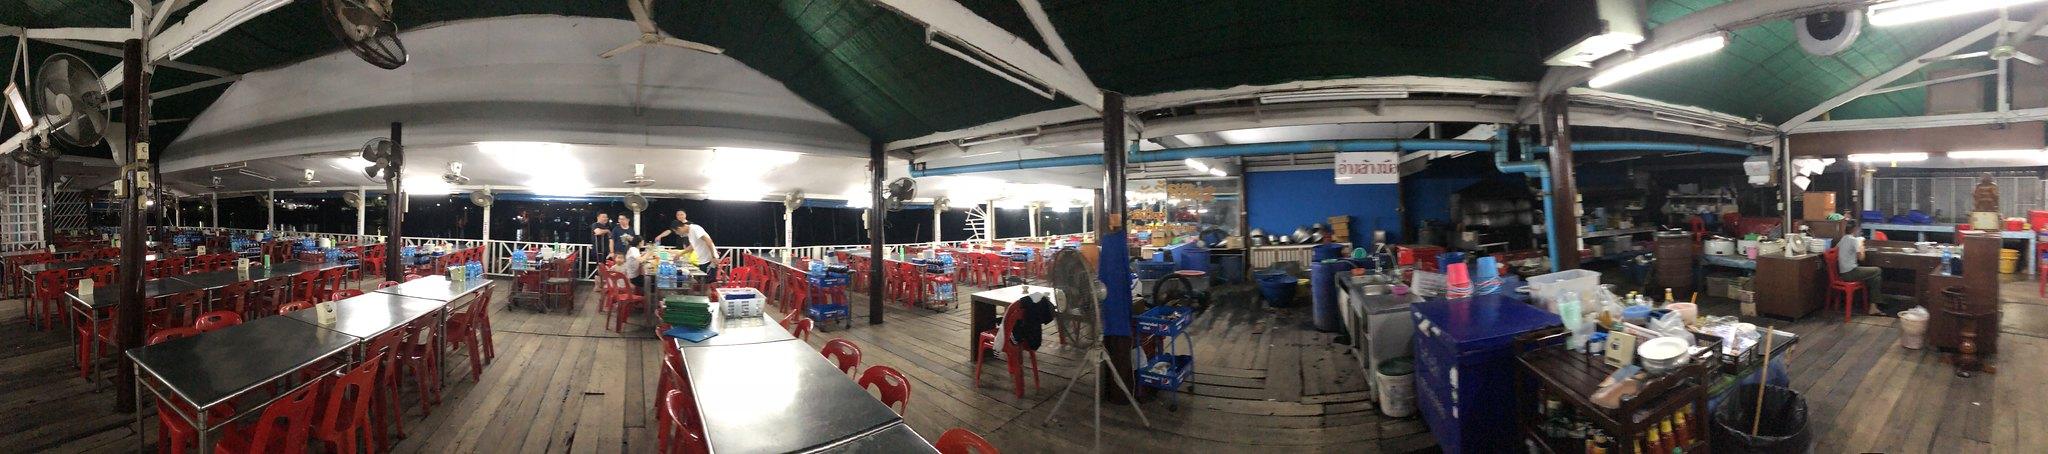 七岩渔人码头,独享整个海鲜餐厅